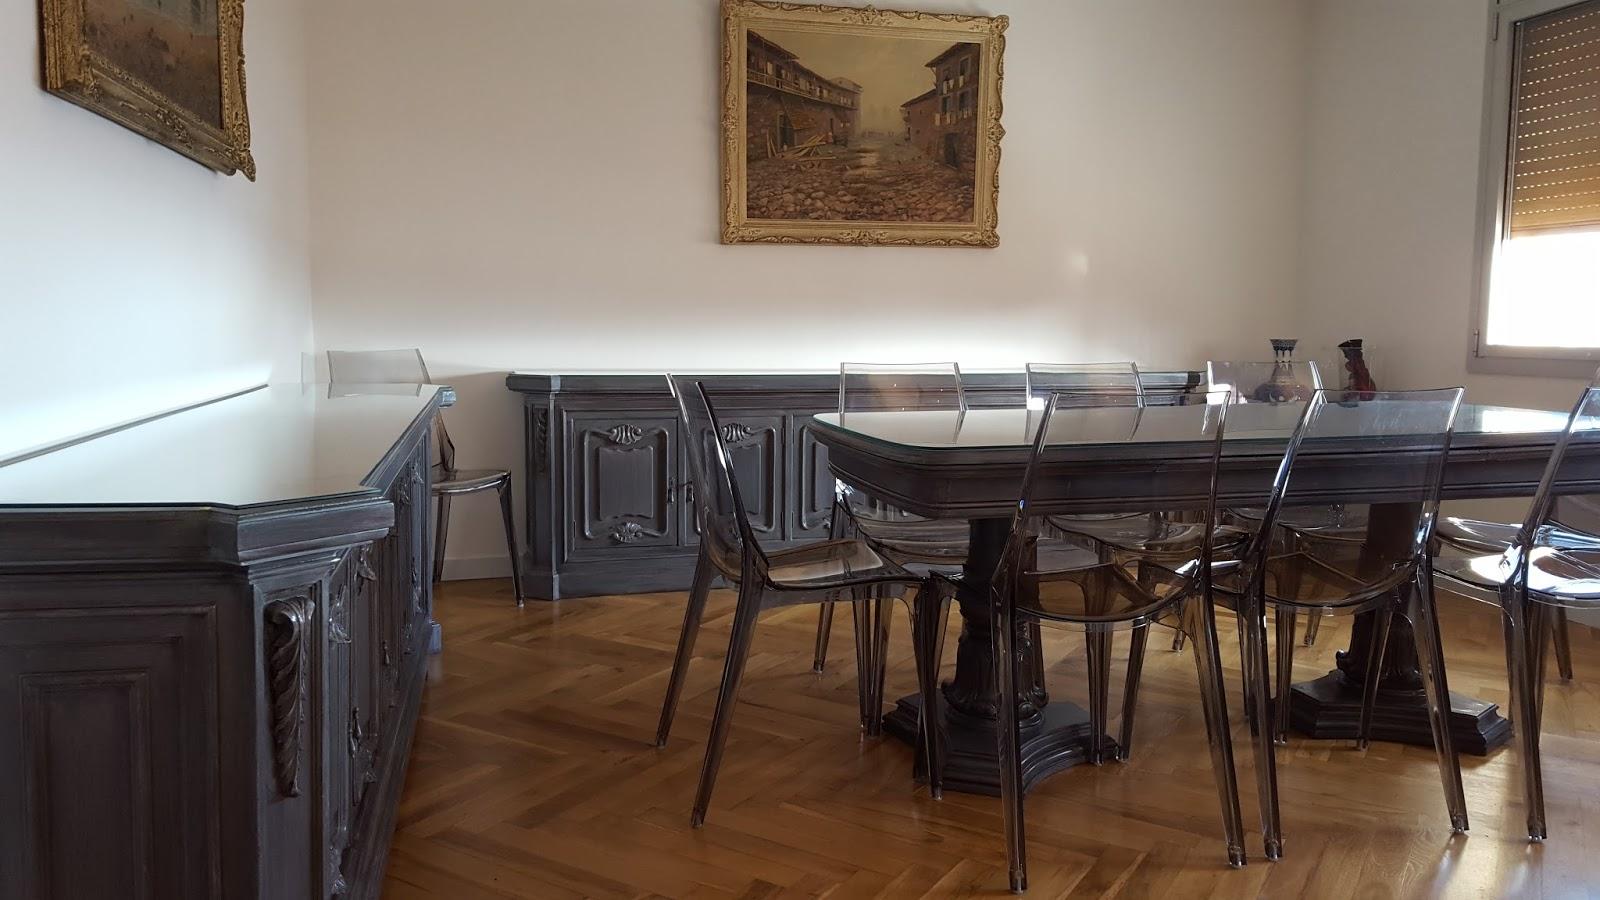 Candini muebles pintados nuevos y redecorados - Pintura ala tiza para muebles ...